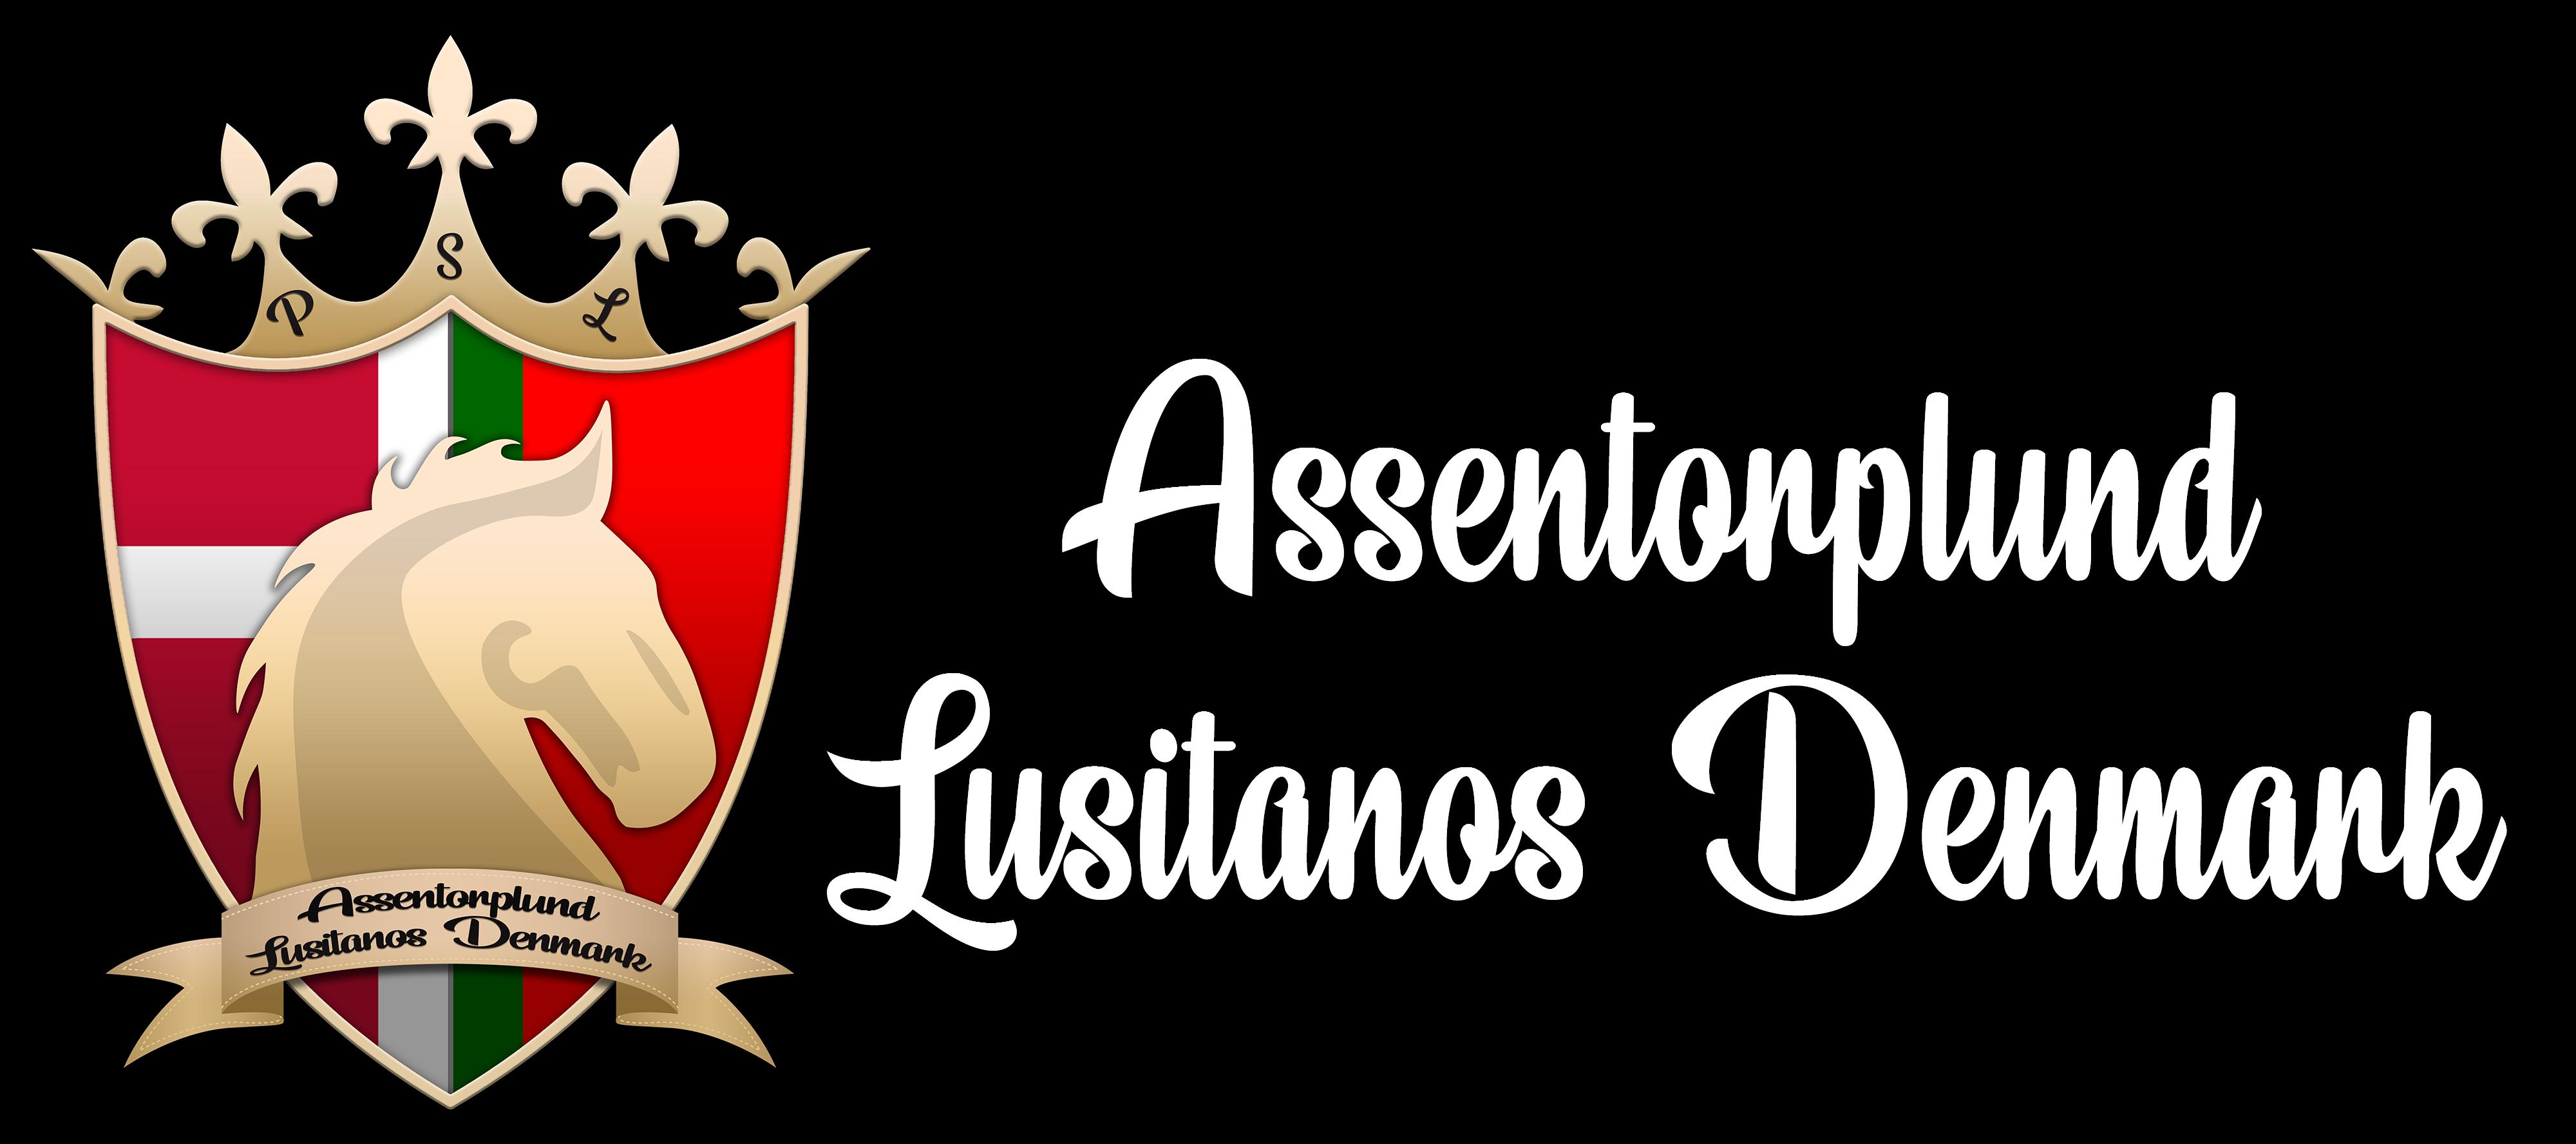 Assentorplund Lusitanos